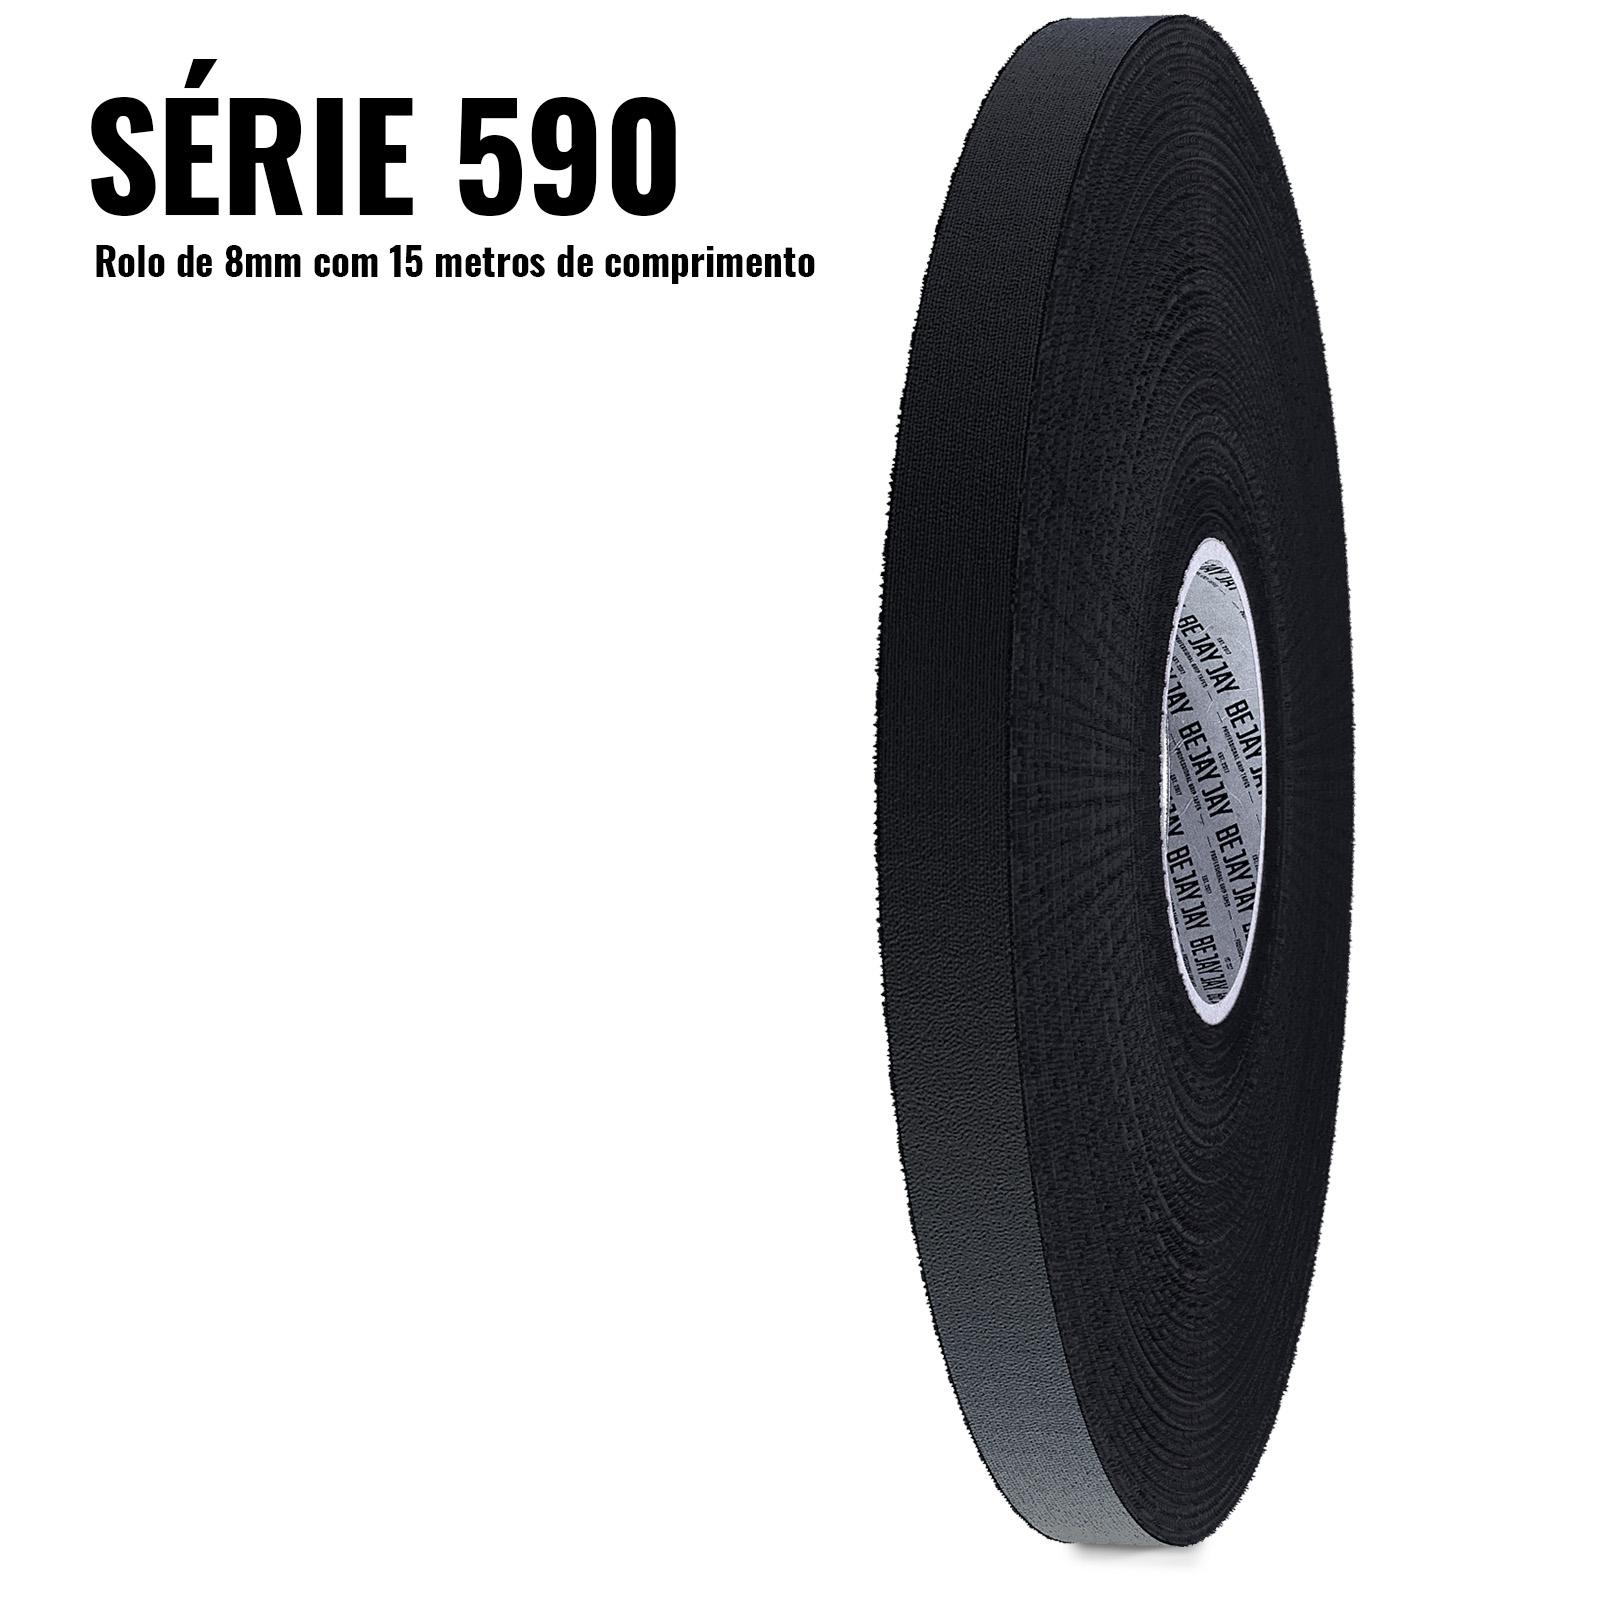 KIT SÉRIE 590 + FINGER BAND (1 ROLOS DE 8MM + 15 METROS DE TAPE)